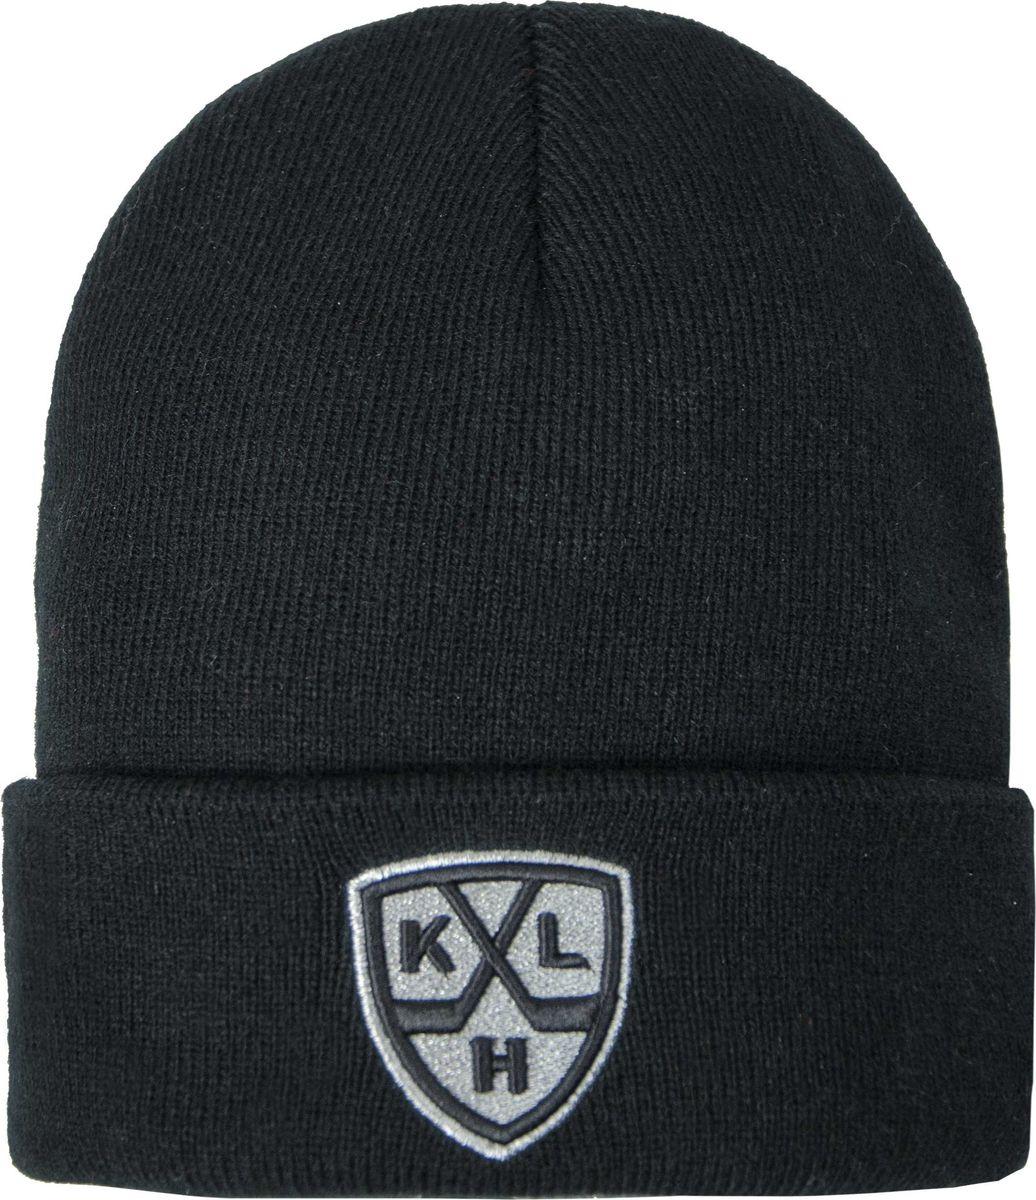 Шапка мужская Atributika & Club КХЛ, цвет: черный. 11570. Размер 55/58 шапка мужская с отворотом crew